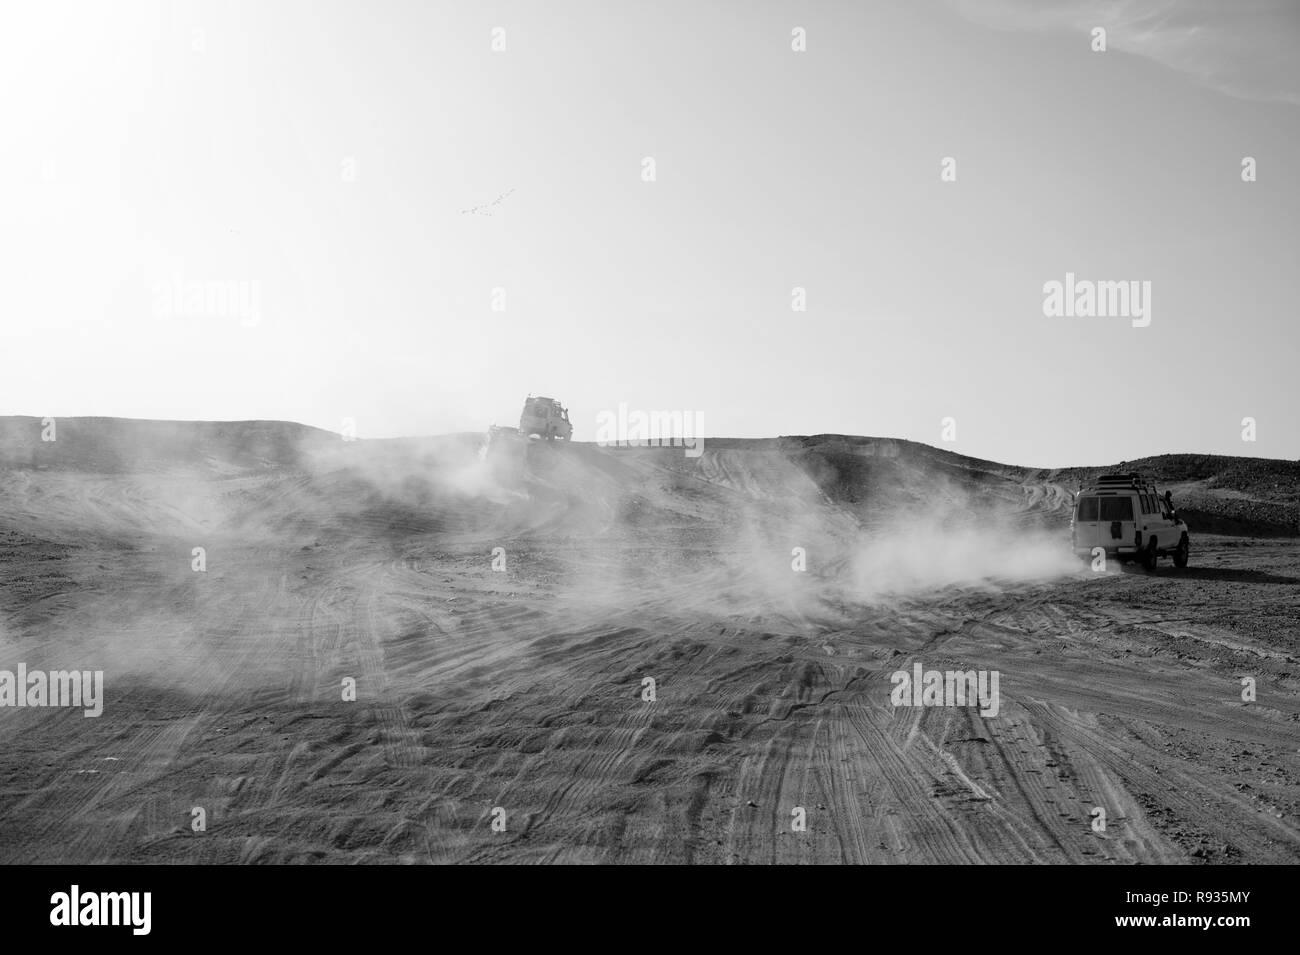 Concorrenza racing sfida deserto. Auto superare le dune di sabbia di ostacoli. Unità auto offroad con nuvole di polvere. Veicolo Offroad racing ostacoli nel deserto. Deserto interminabile. Gara di deserto di sabbia. Immagini Stock